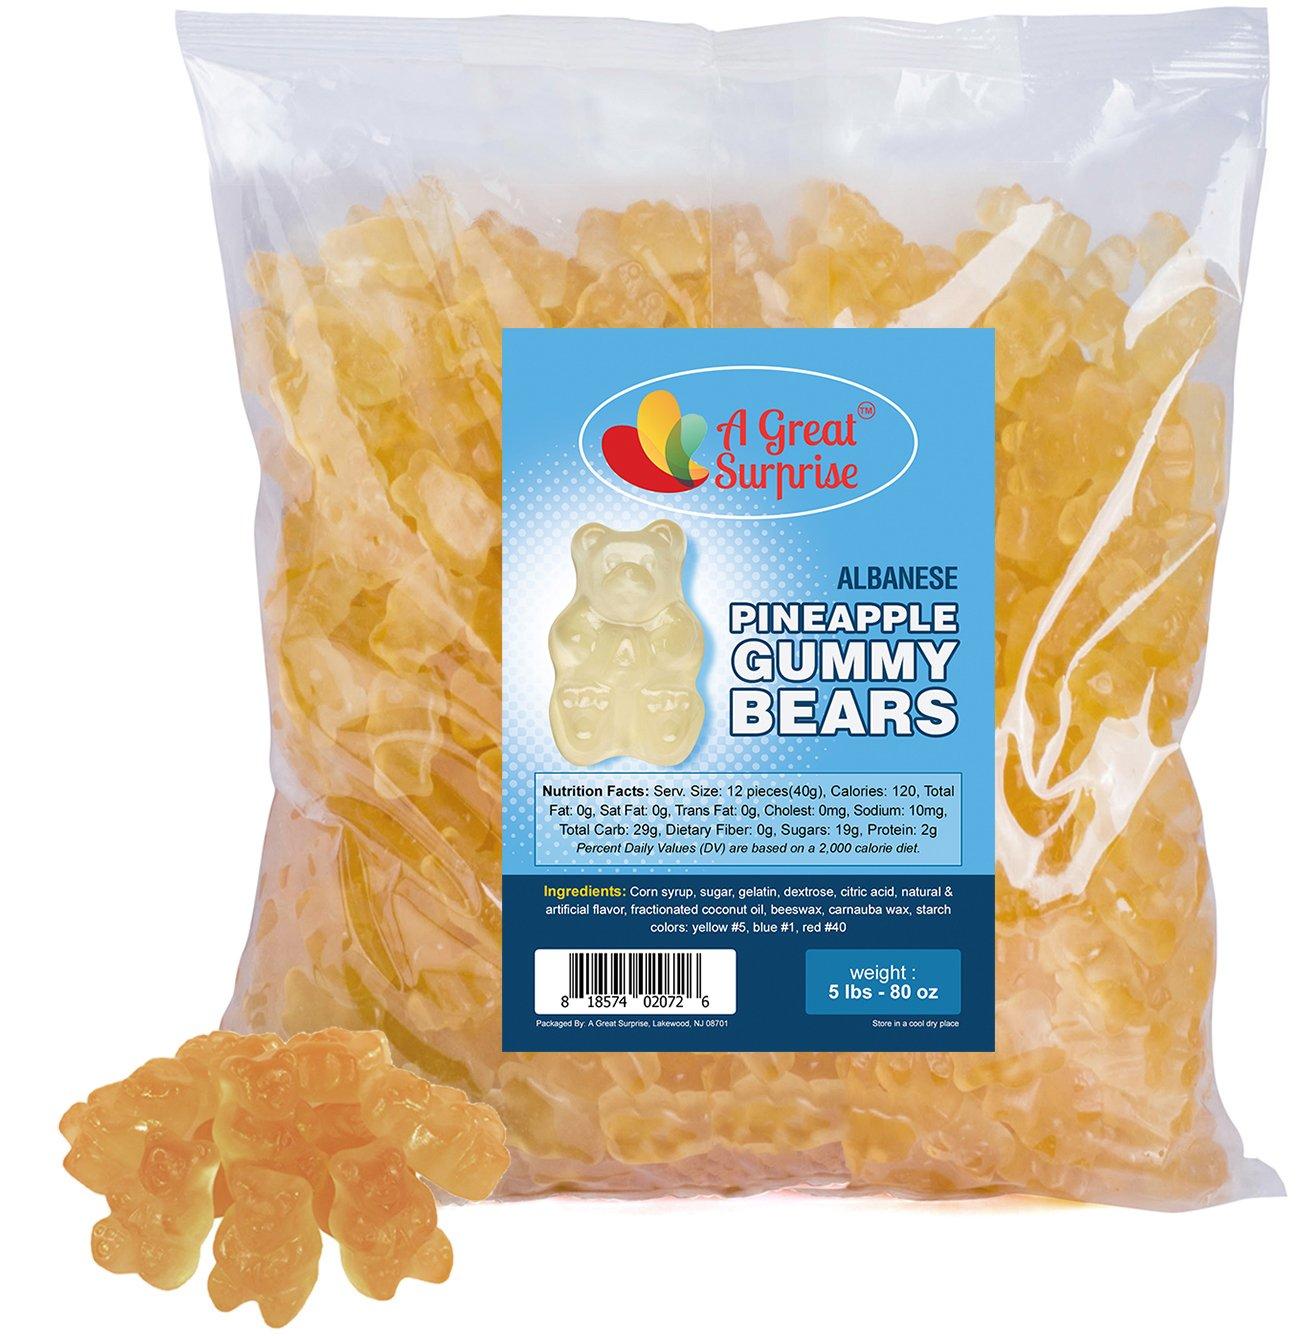 Gummy Bears Bulk - Gummi Bears Pineapple - Pineapple Gummie Bears - Bulk Candy 5 LB